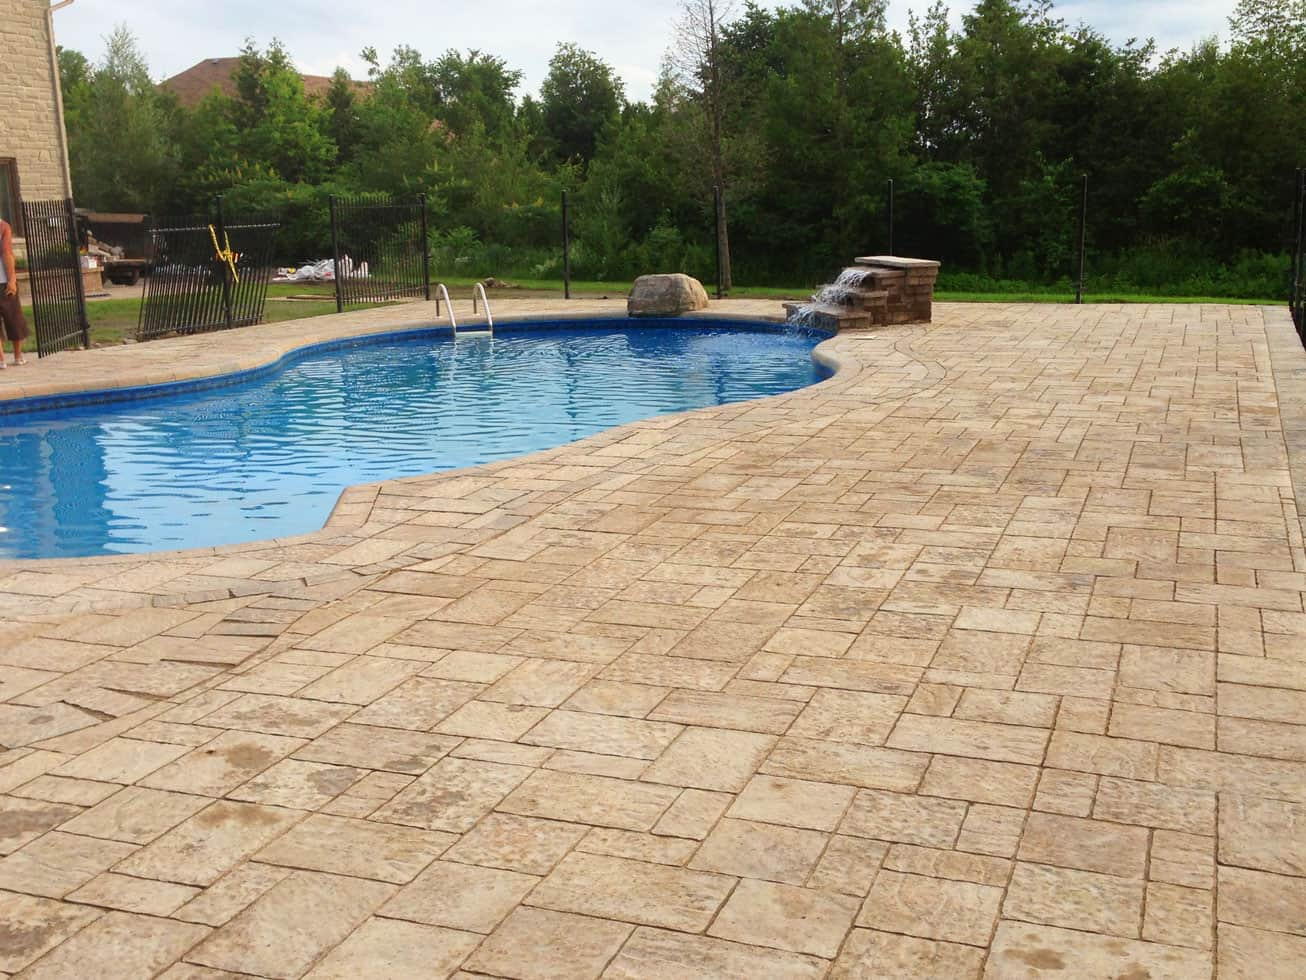 Outdoor Pool with Interlock Deck